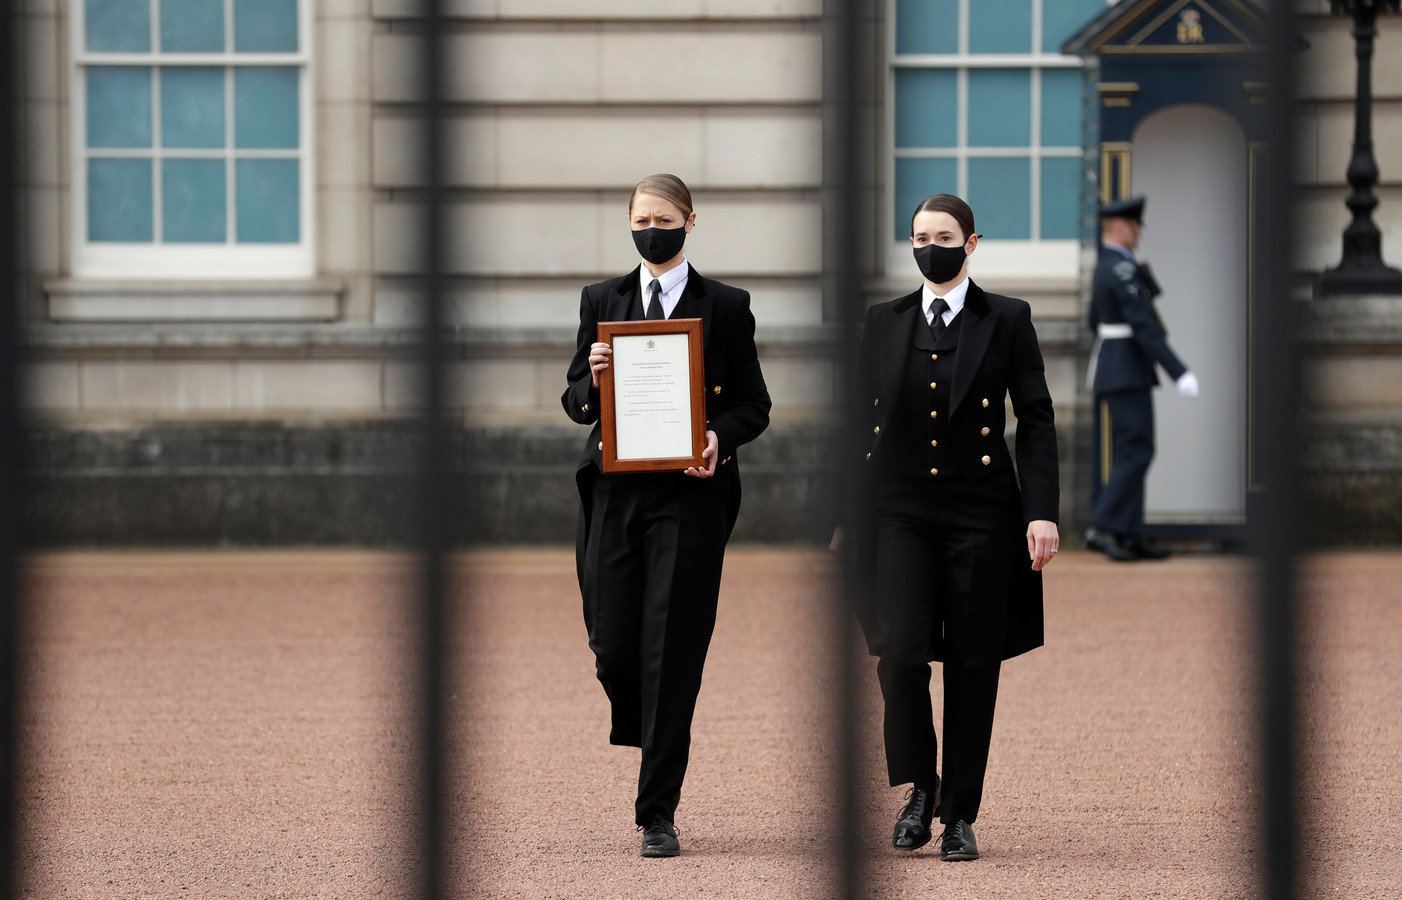 Une note annonçant le décès du duc d'Édimbourg a été affichée sur les grilles du palais.